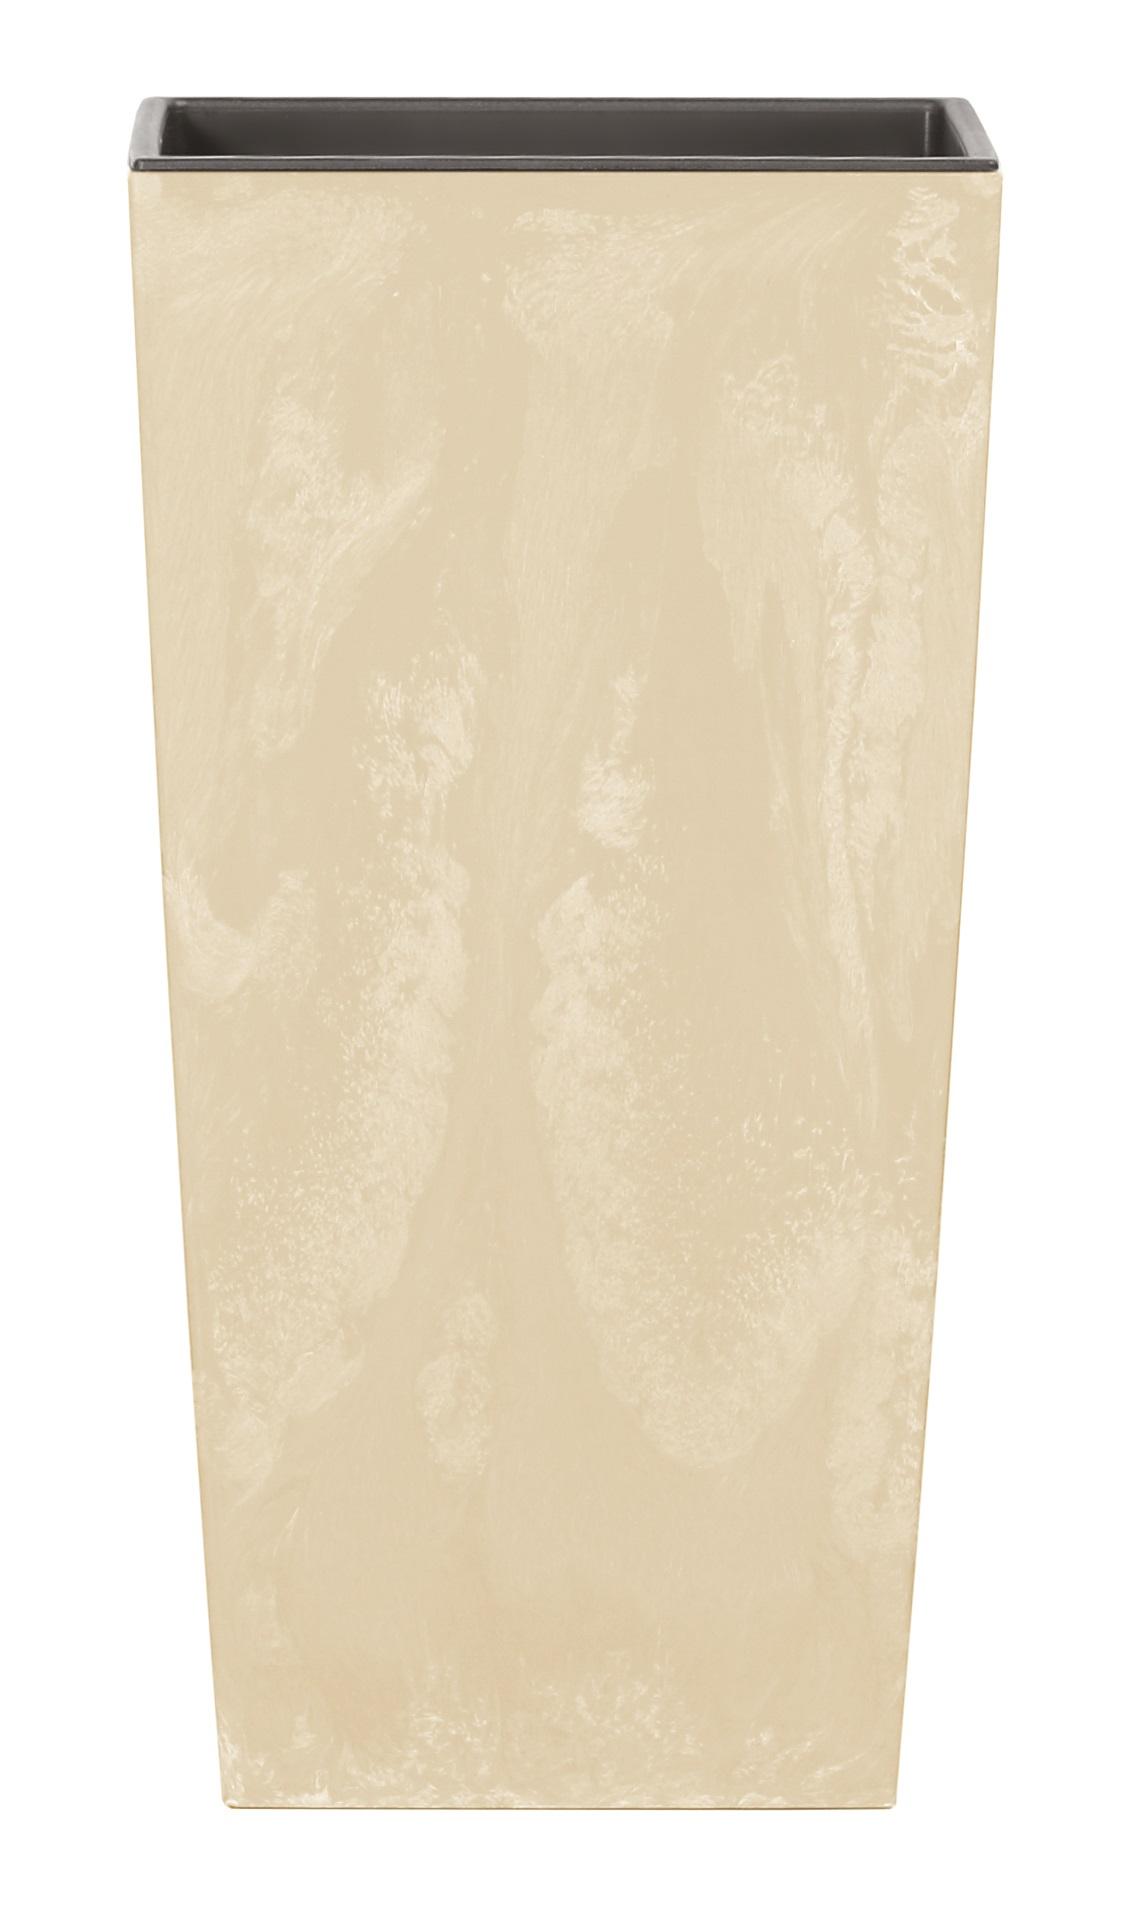 PROSPERPLAST Květináč URBI SQUARE BETON EFFECT pískový 12,6 cm